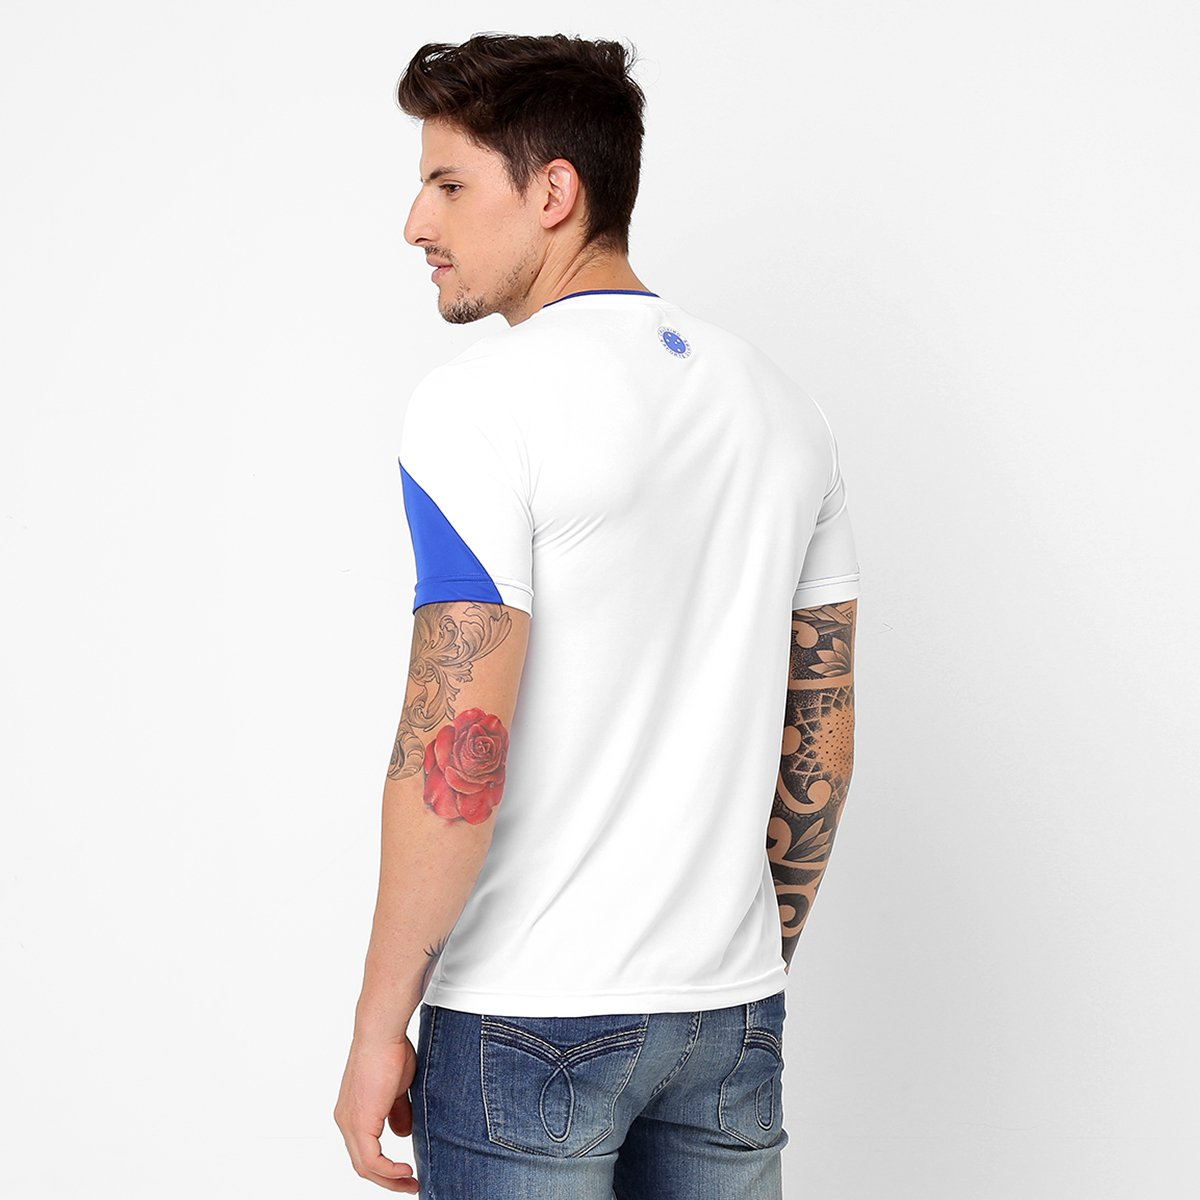 c30601e4f2 Camiseta Cruzeiro Heels  Camiseta Cruzeiro Heels ...